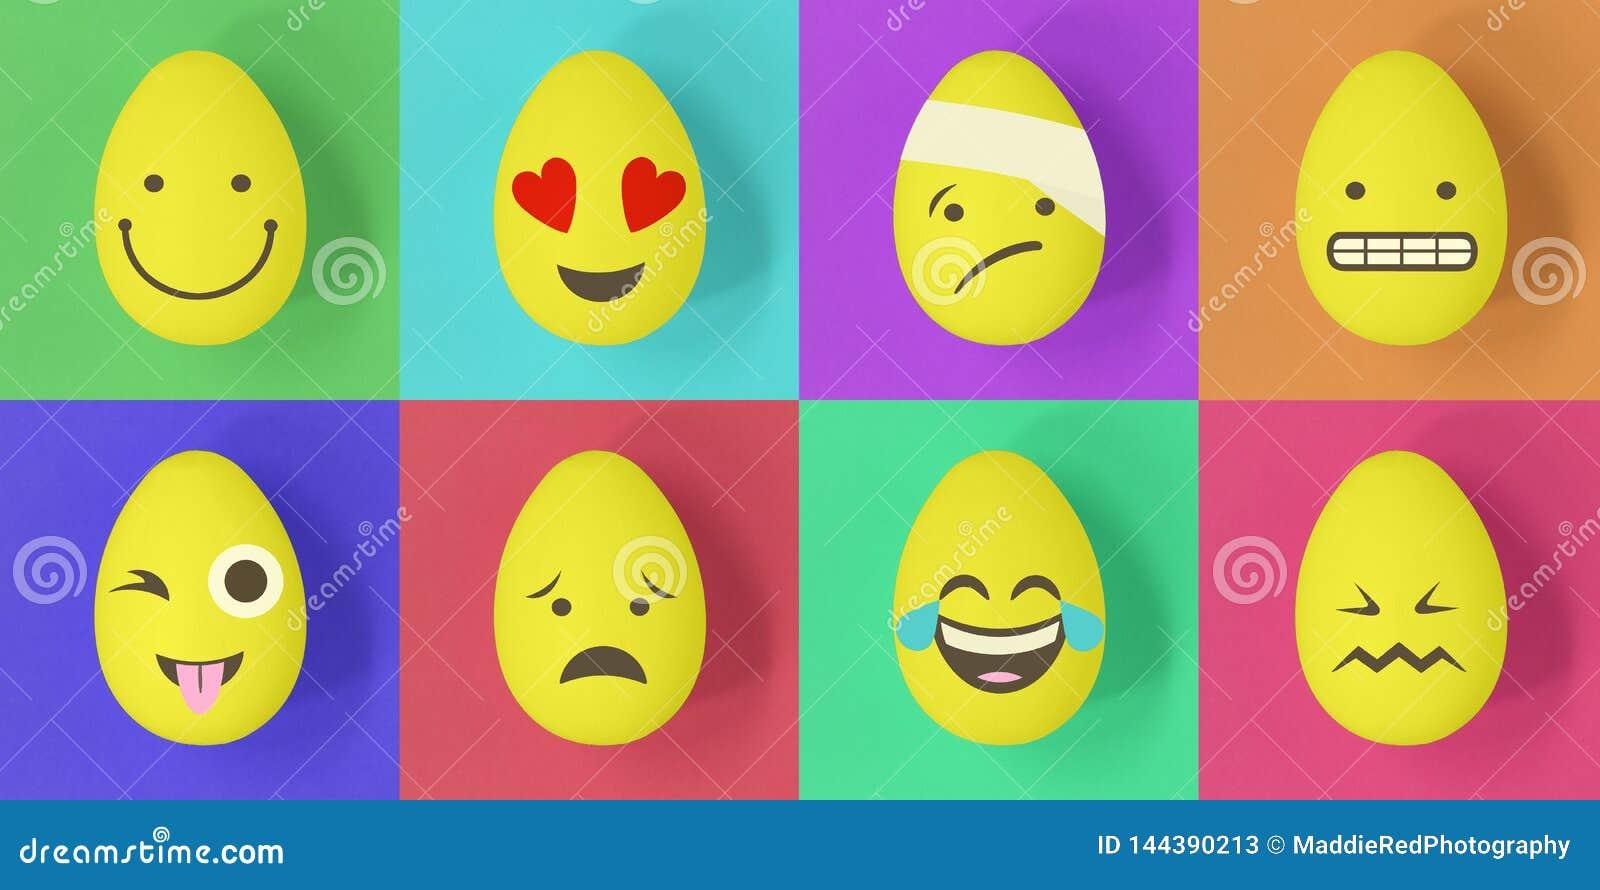 Pasen-emojieieren op een kleurrijke achtergrond van vierkanten